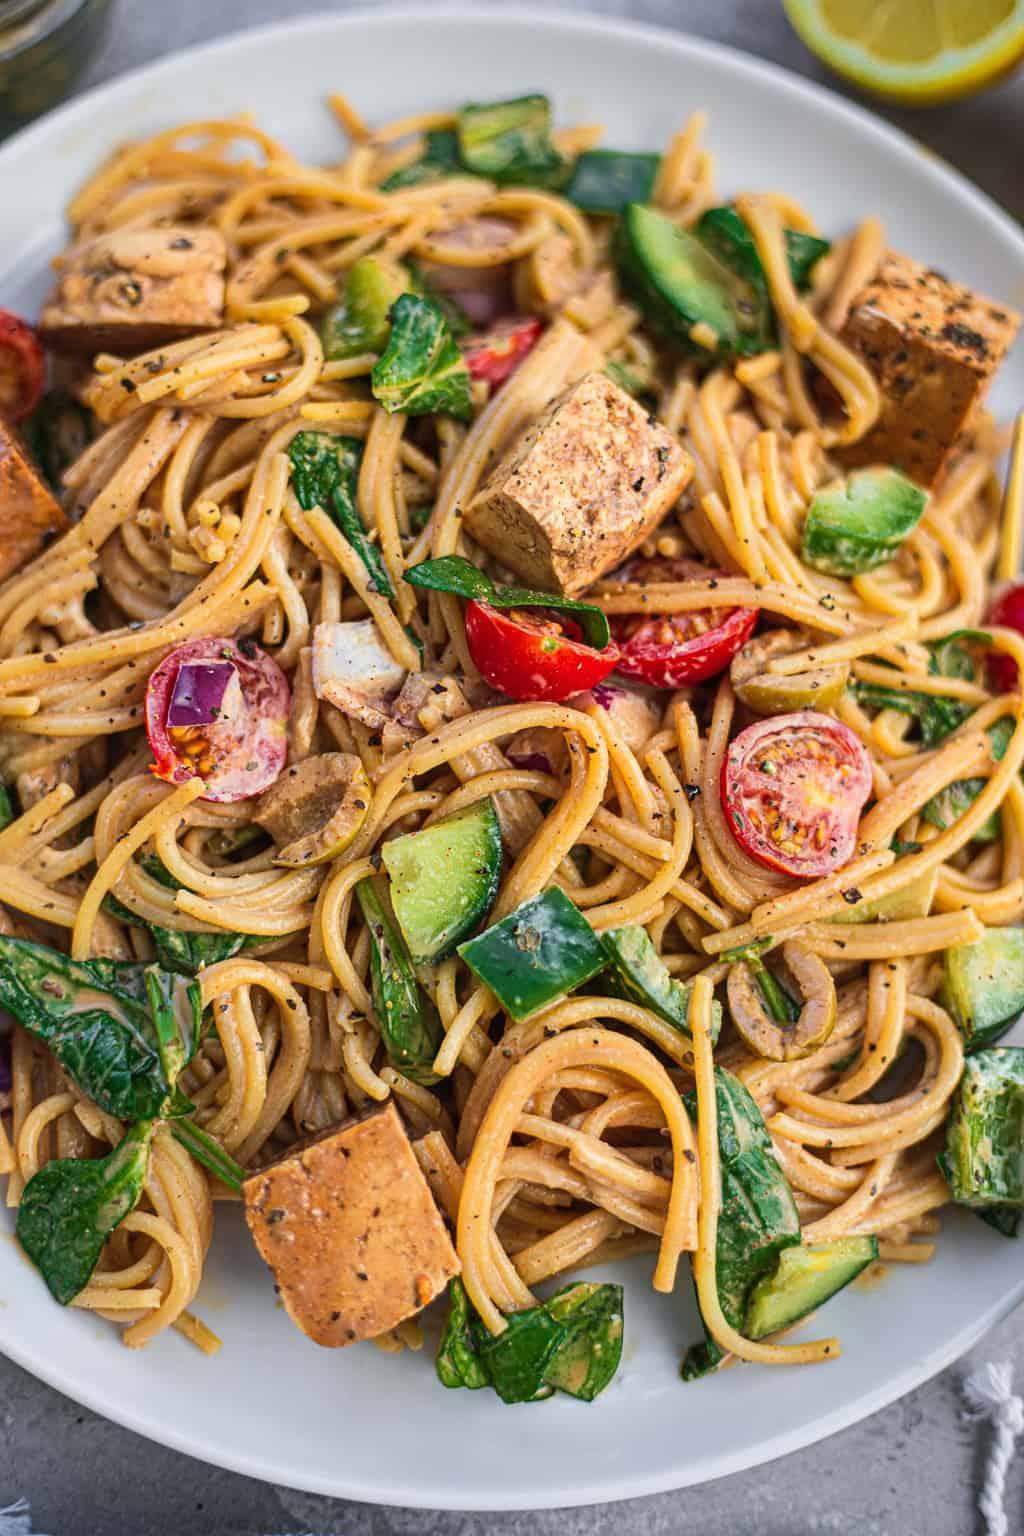 Closeup of vegan pasta with tofu